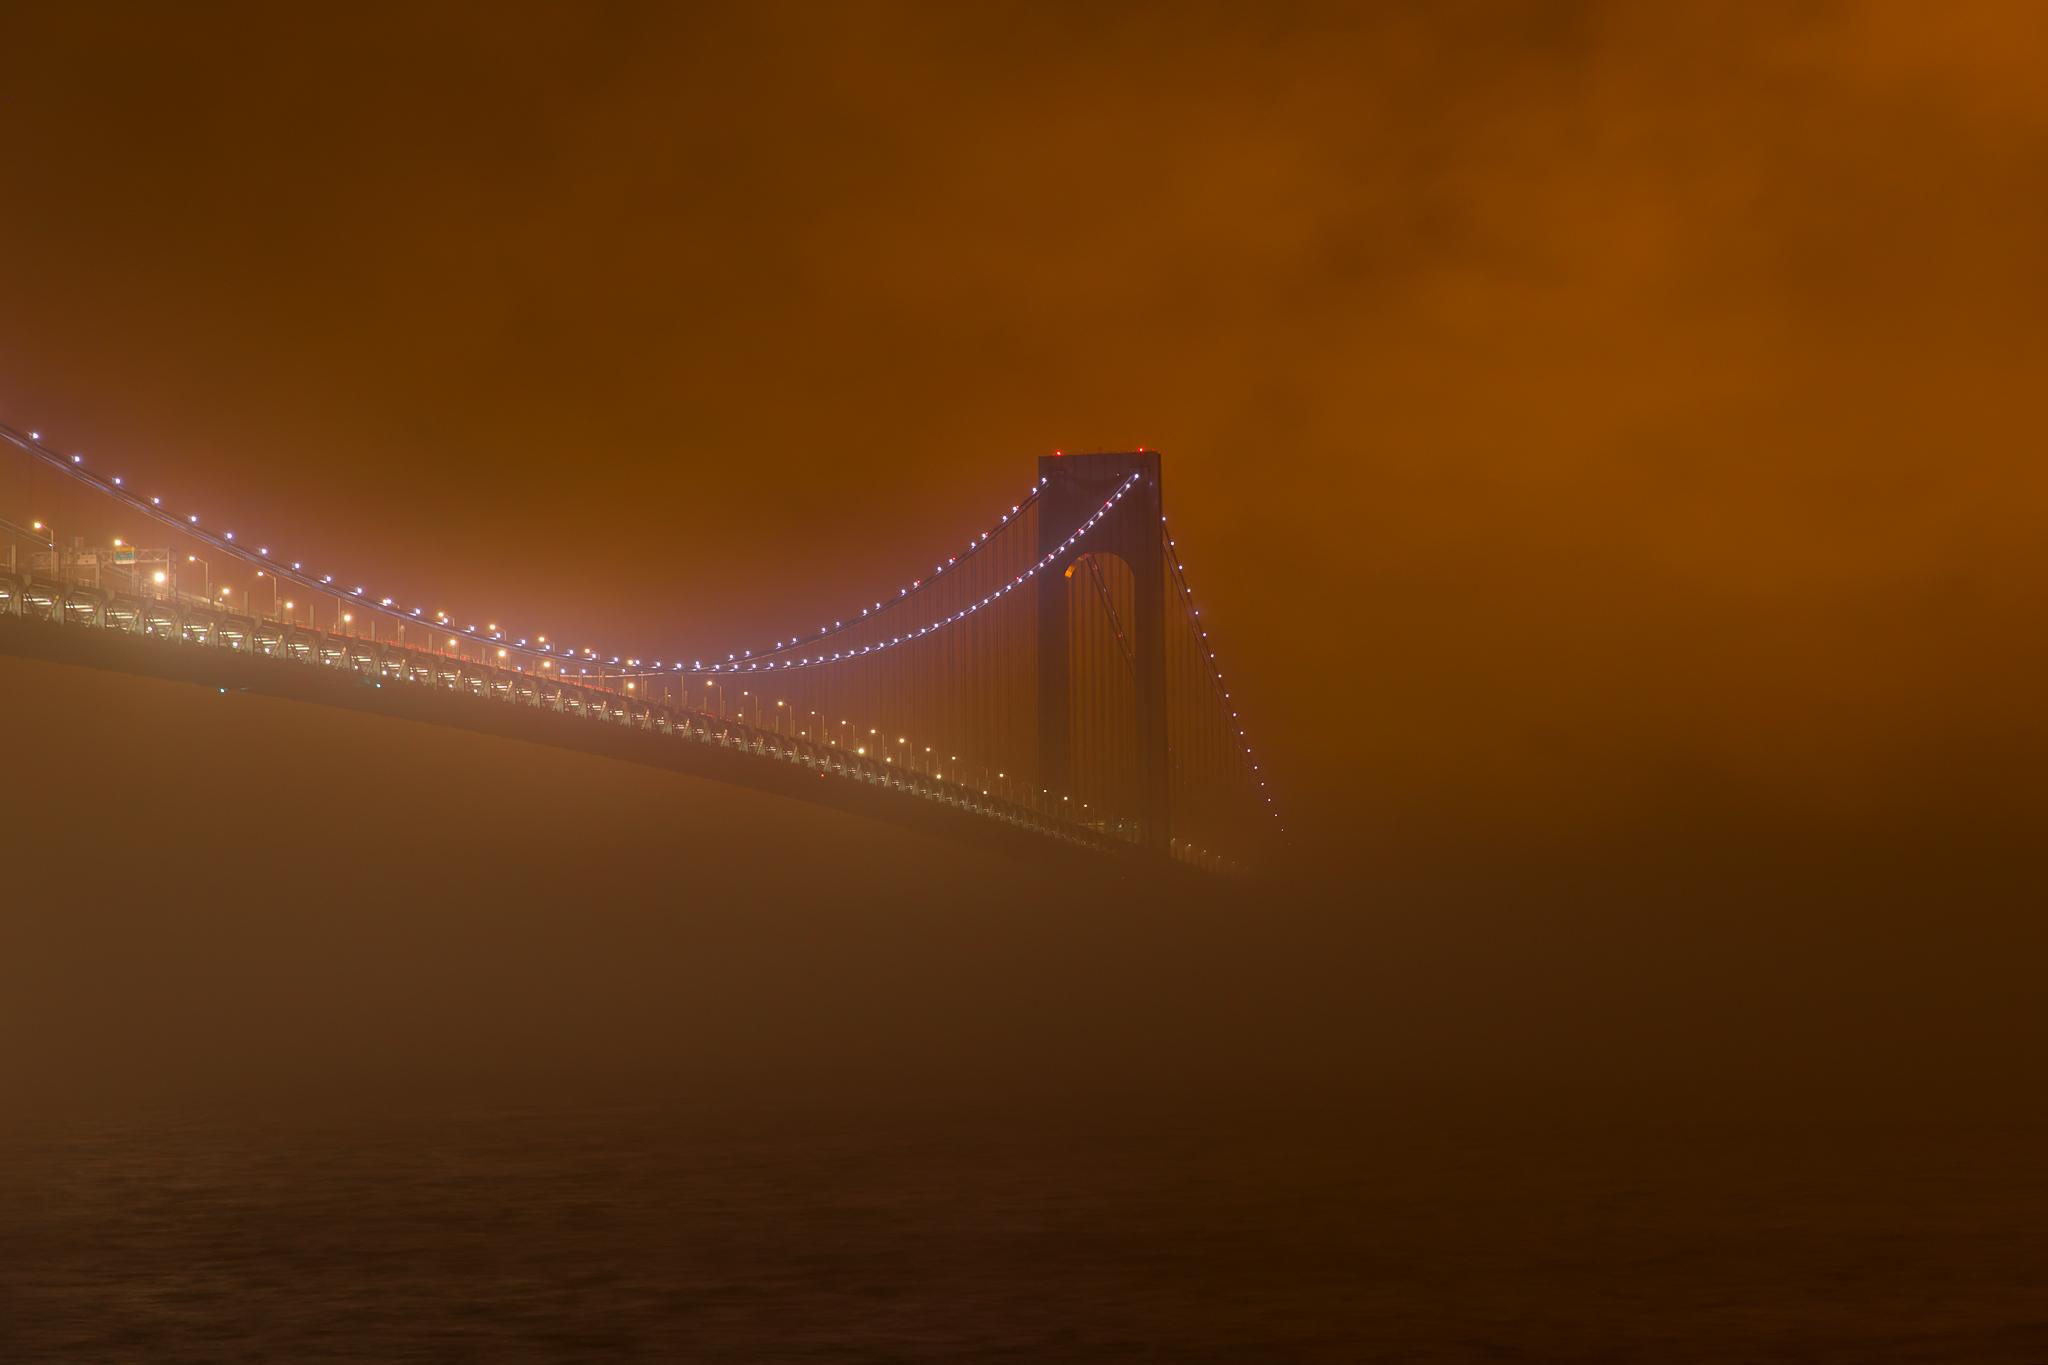 fb.cc.2.11.2018.Verrazano Bridge Fog Night_K9A5750.jpg